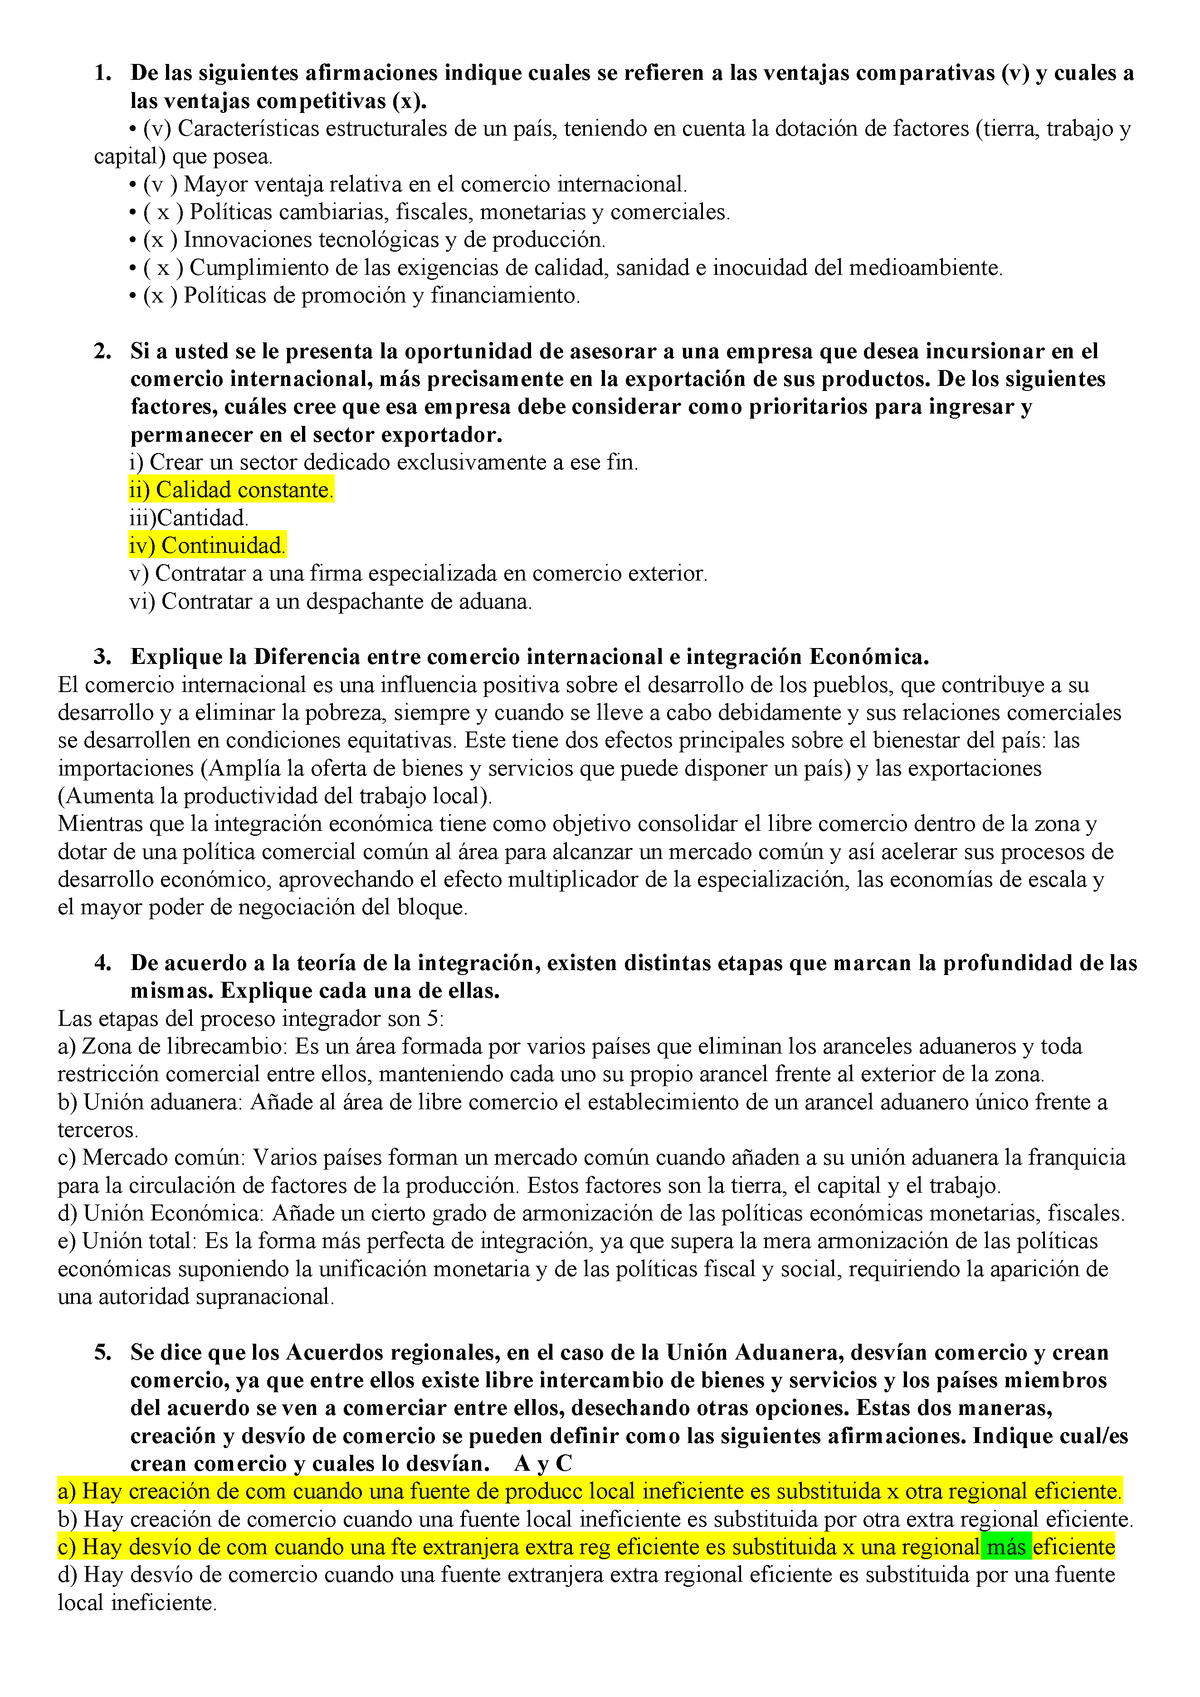 Examen 2018 Preguntas Y Respuestas Studocu